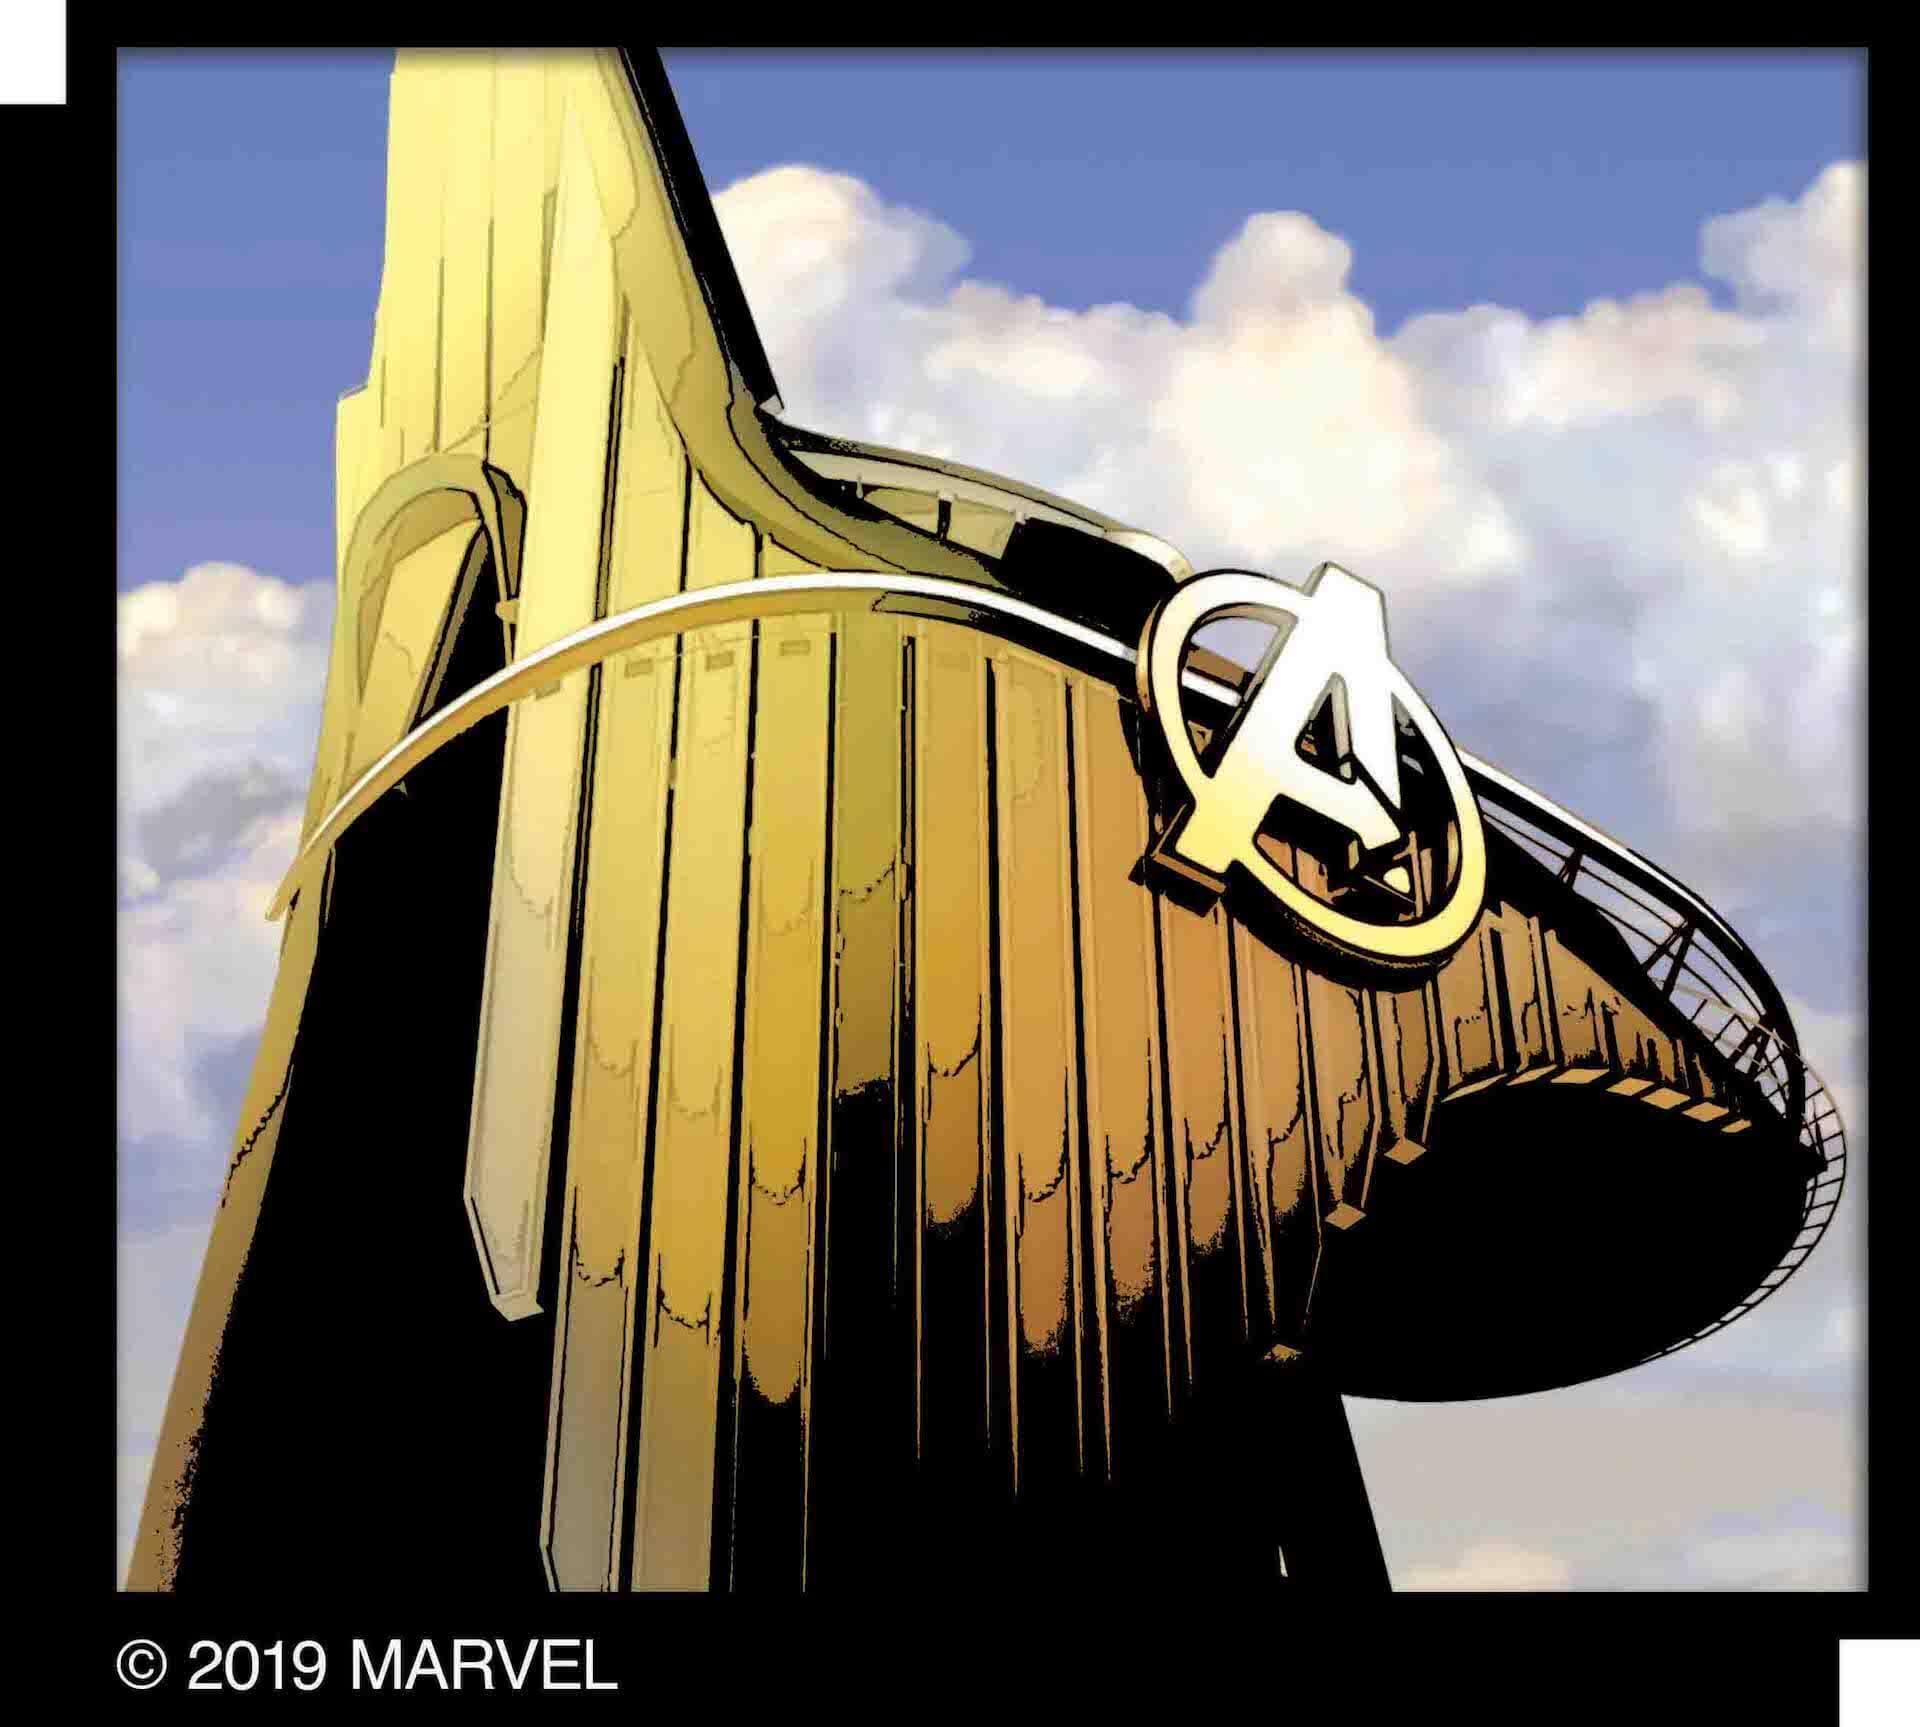 「スパイダーマン」や「キャプテン・アメリカ」が腕時計に!マーベルキャラクターをモチーフにしたシチズン腕時計全9モデルが登場 tech190919_marvel_watch_5